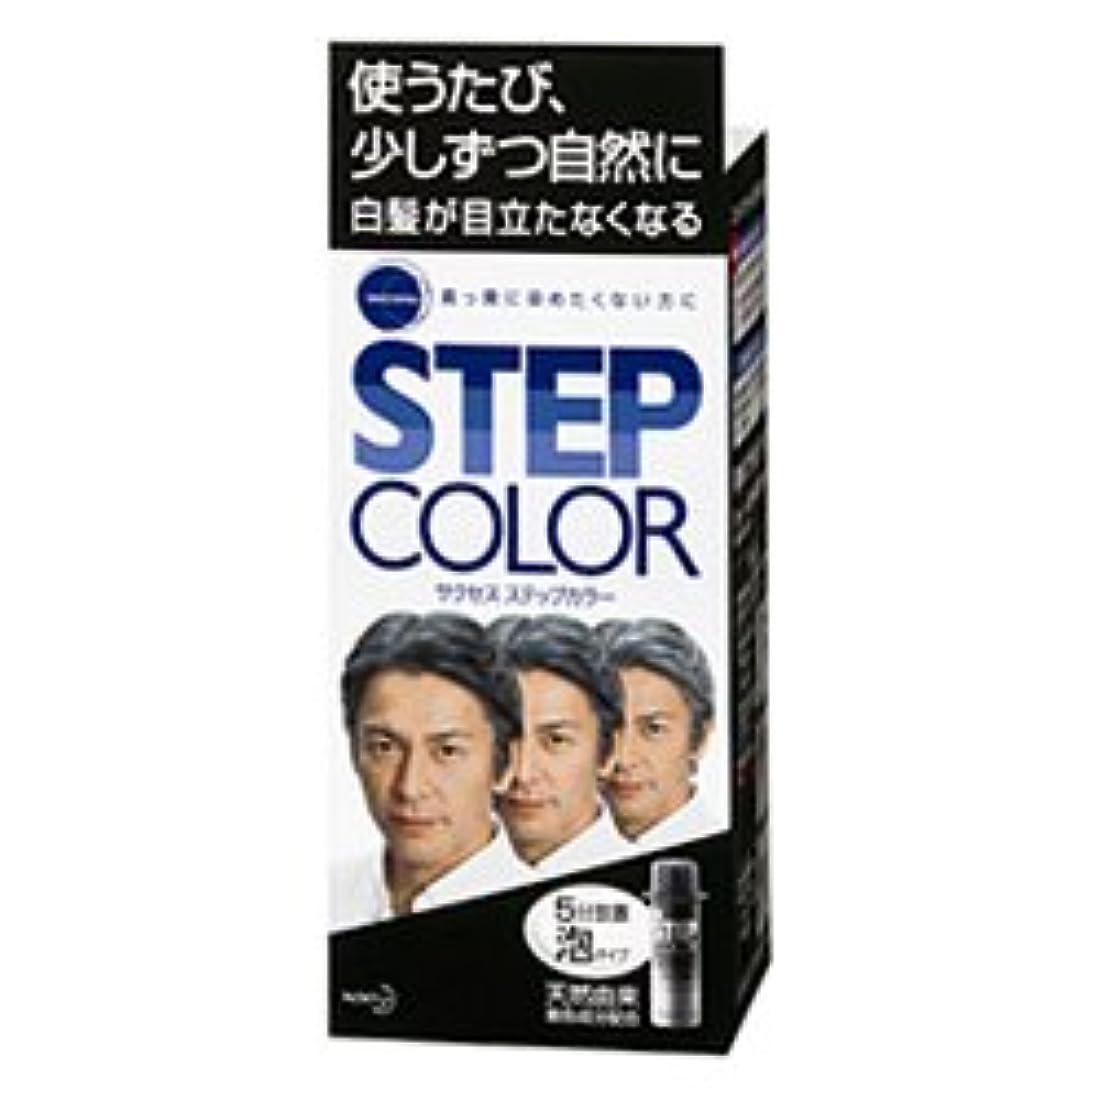 上昇節約昆虫【花王】サクセスステップカラー 110g ×20個セット